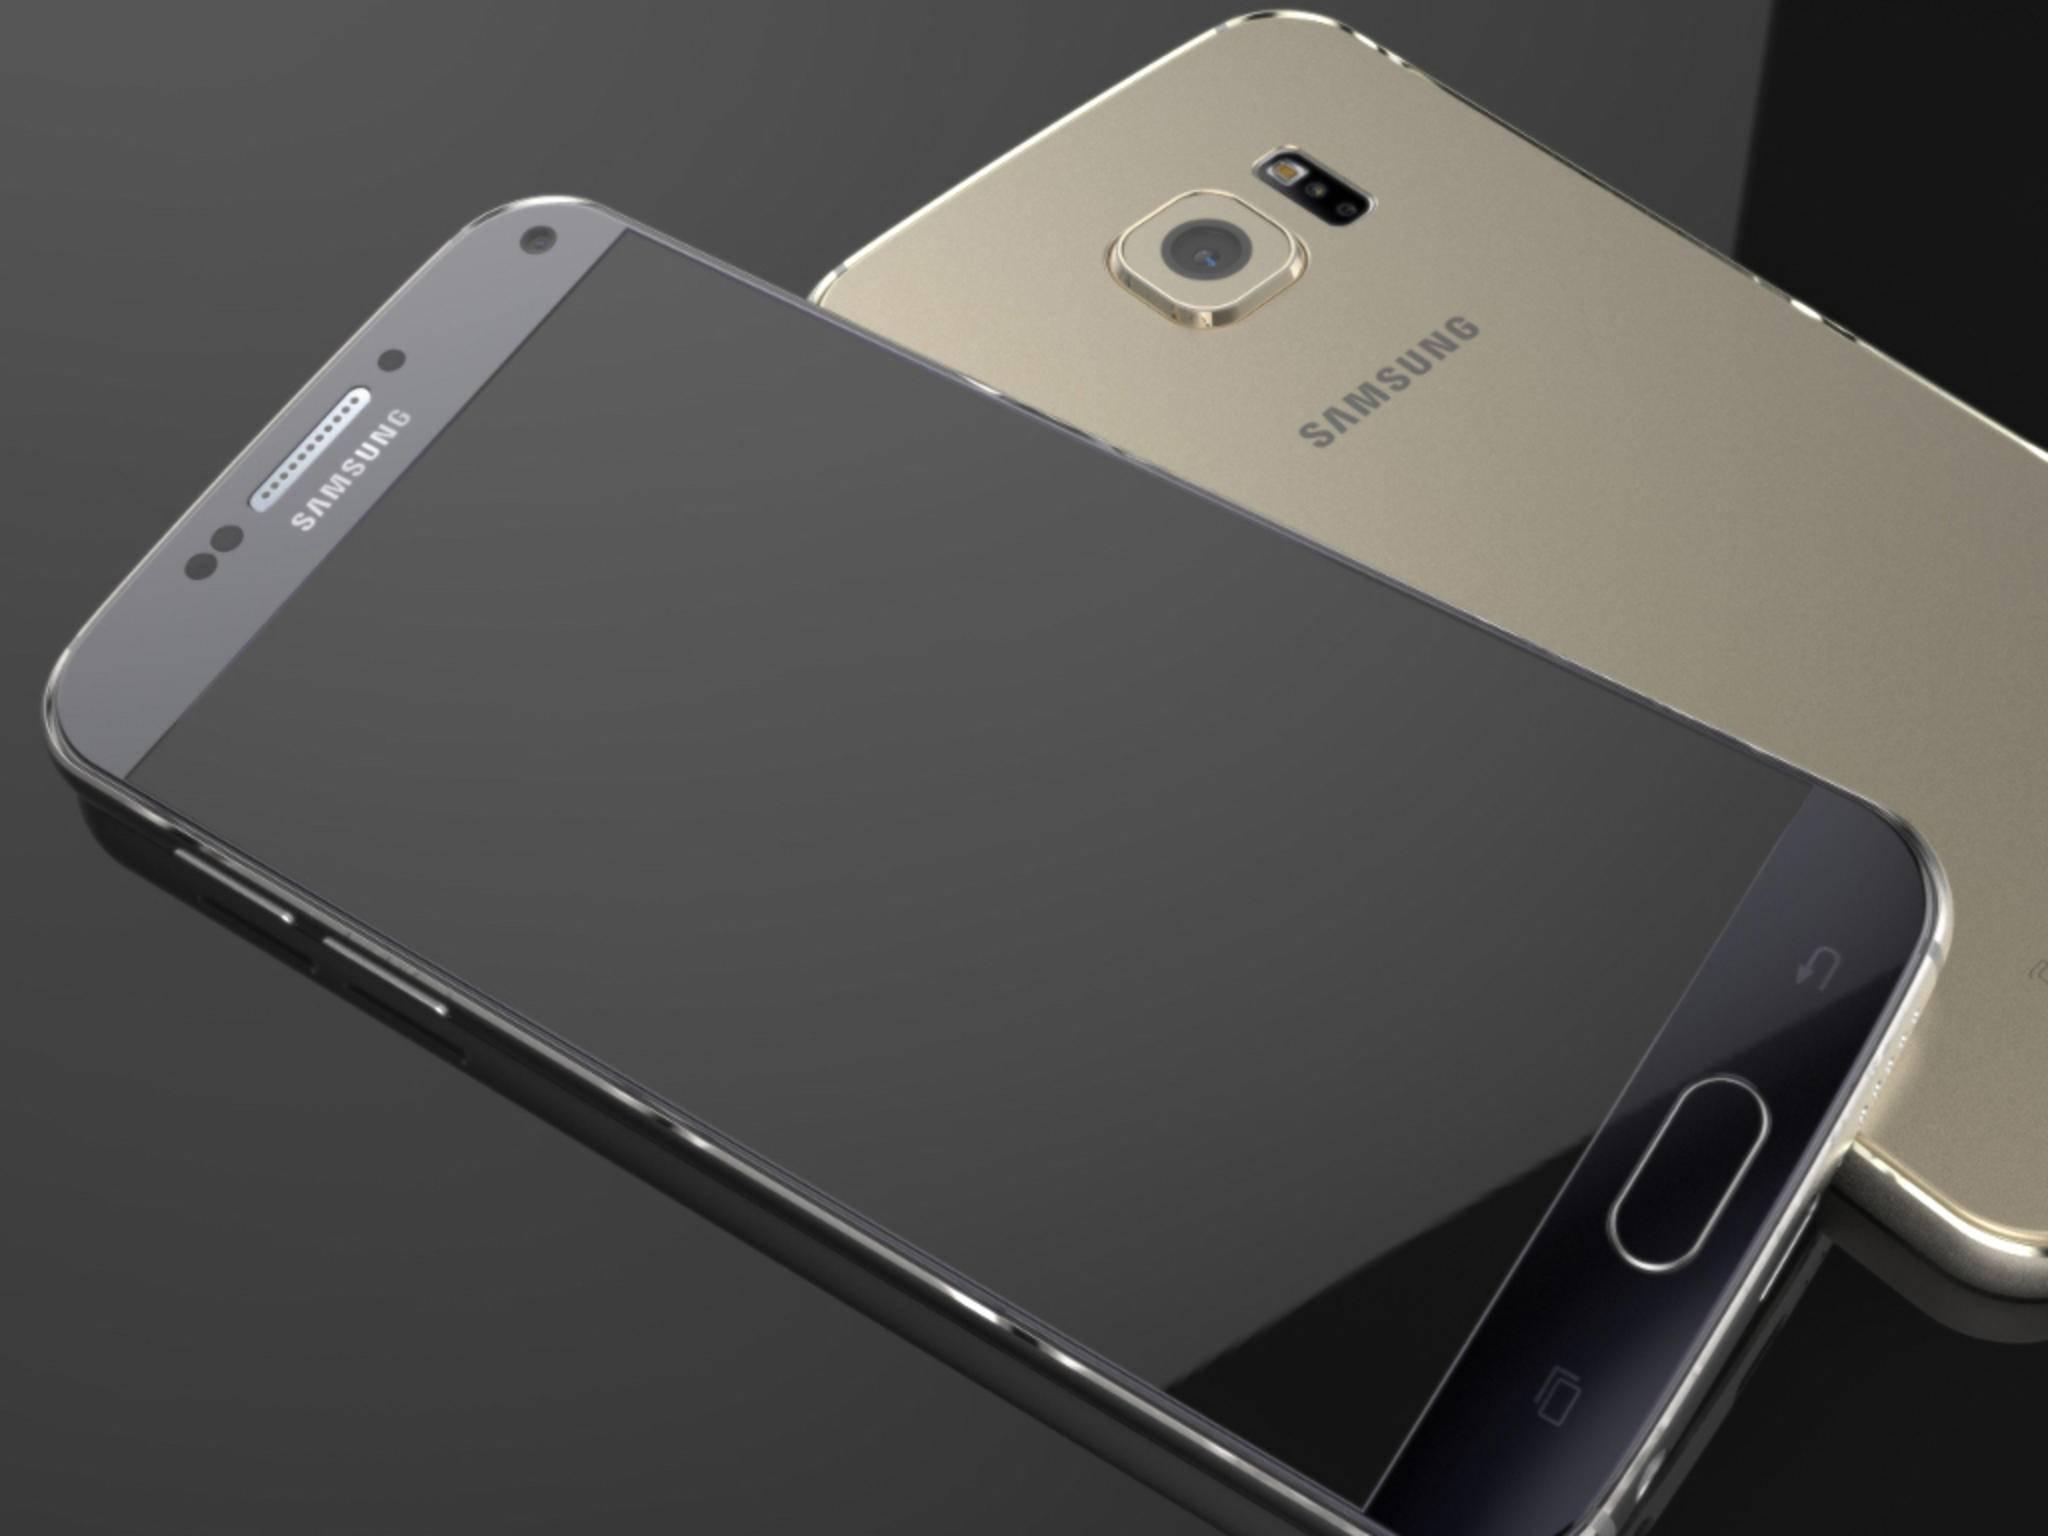 Wie das Galaxy S7 soll auch das LG G5 ein Metallgehäuse bekommen.